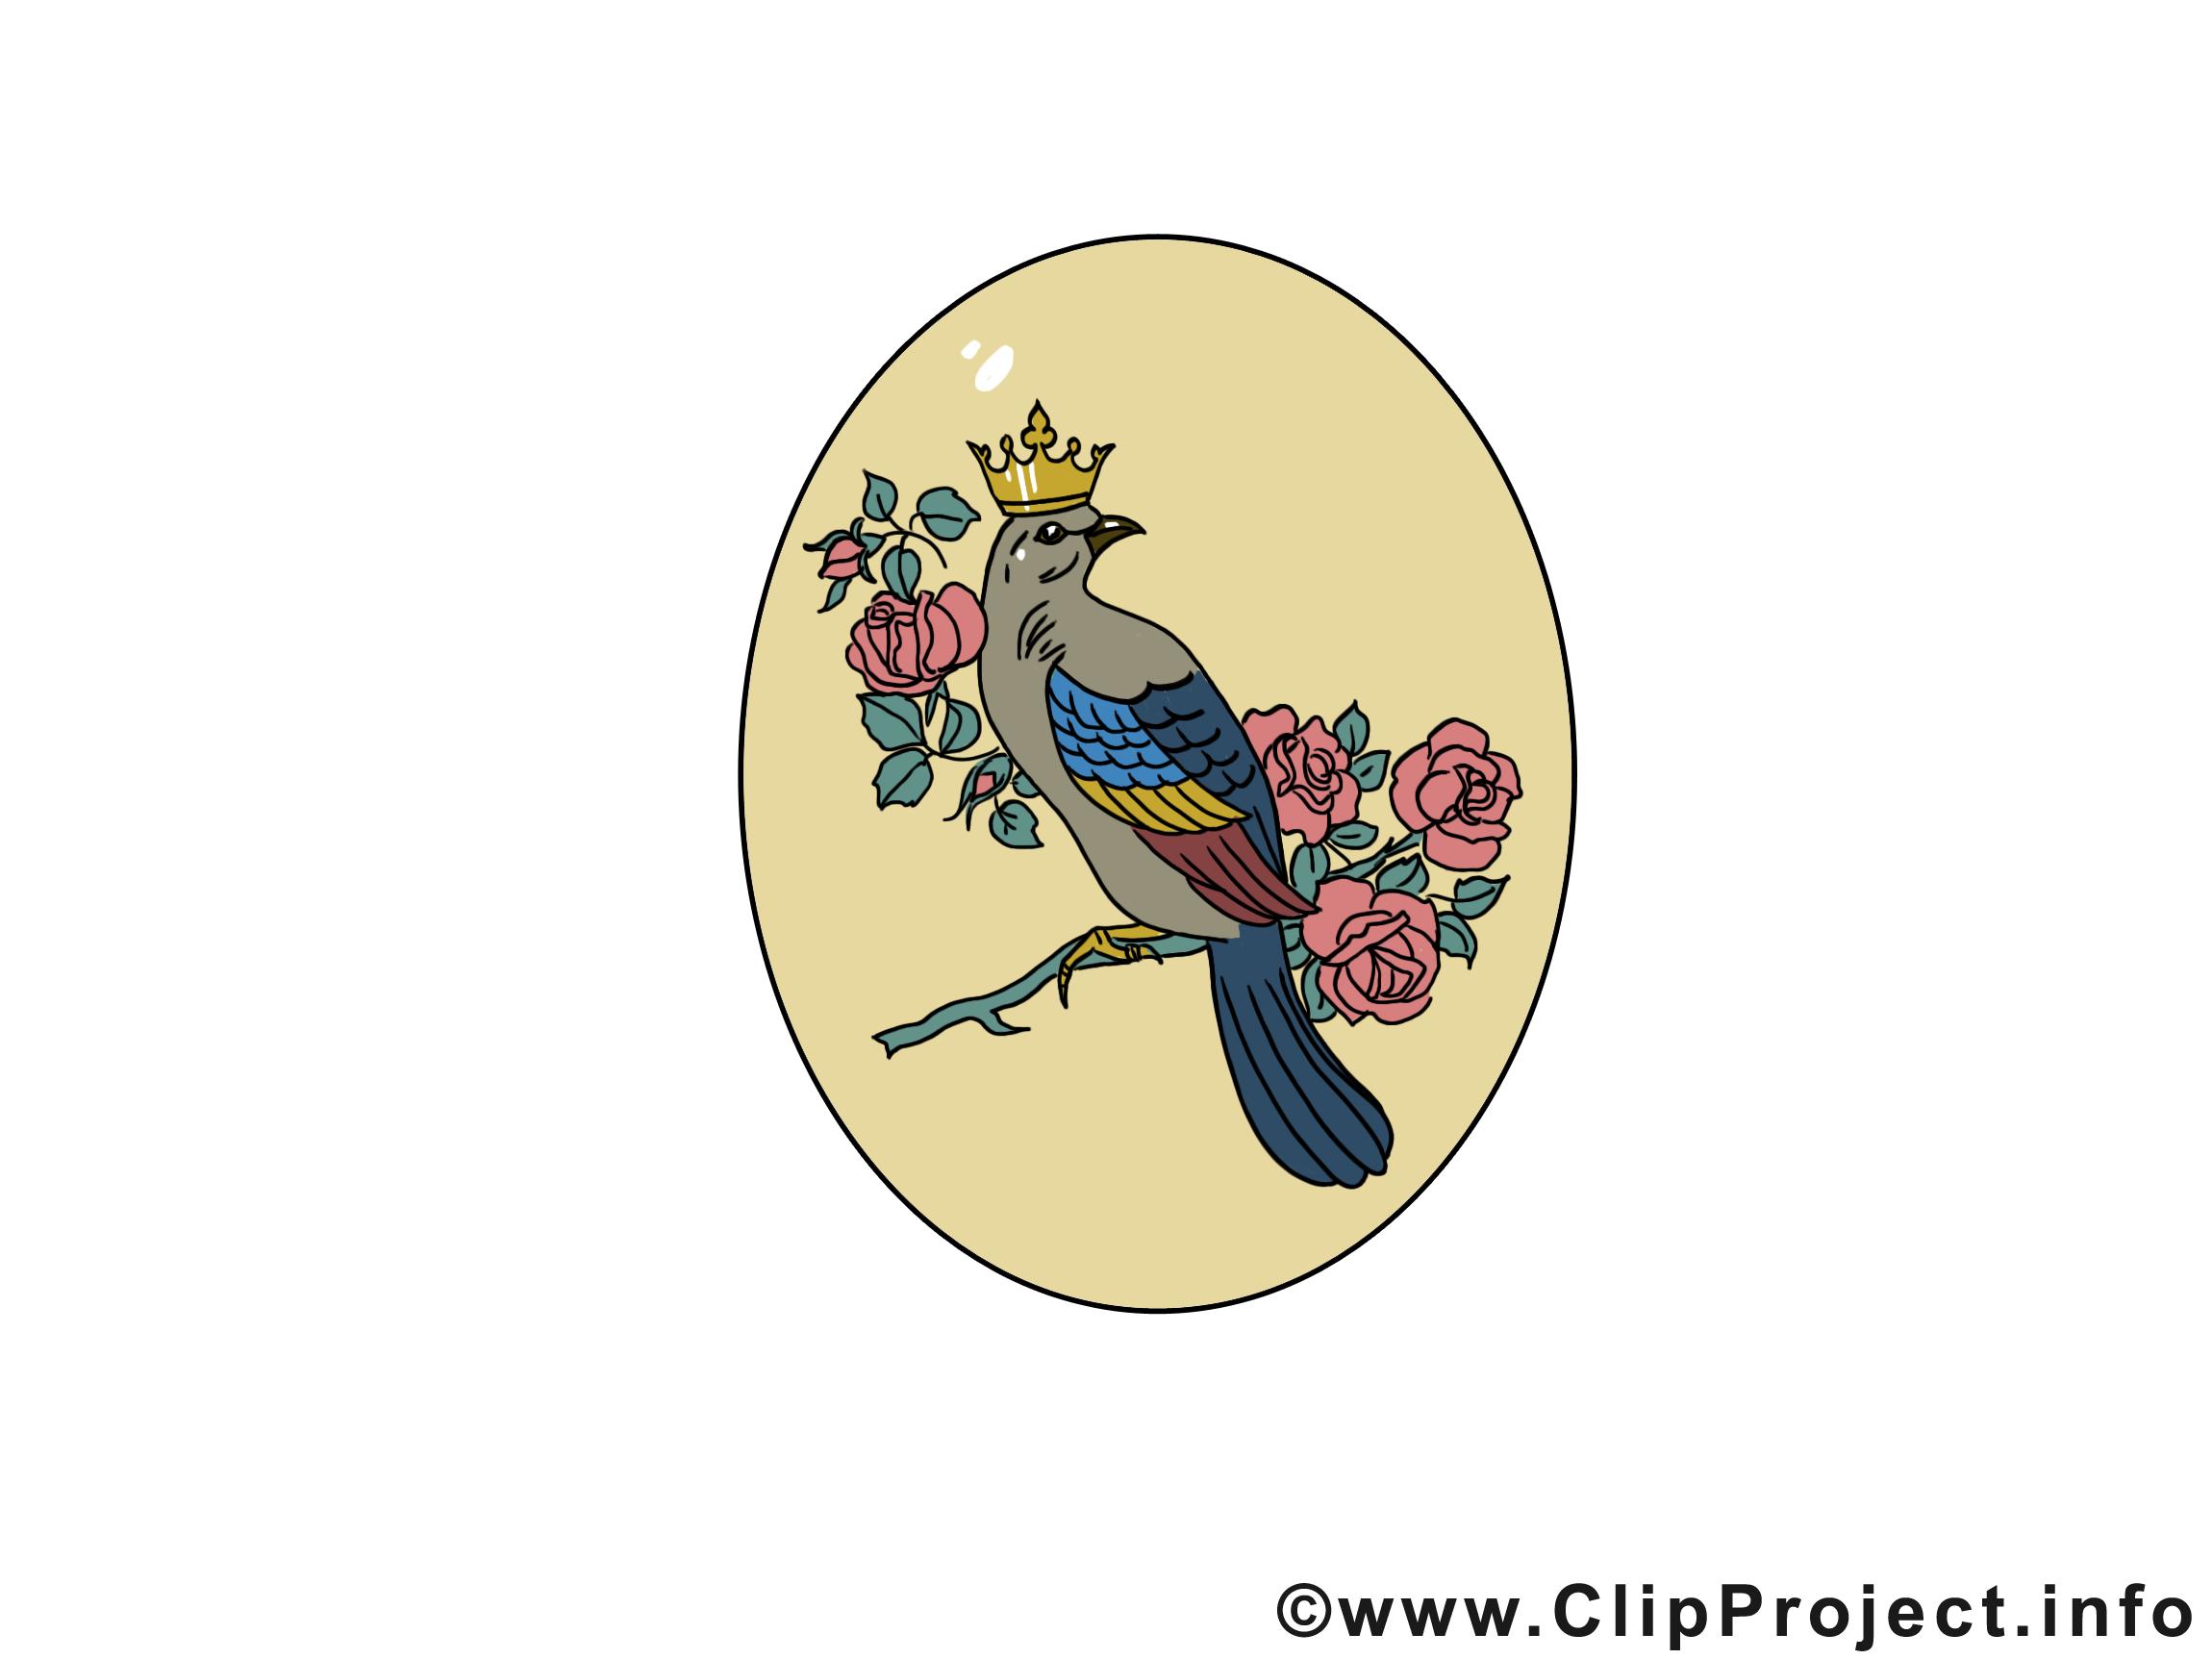 Oiseau image - Pâques images cliparts